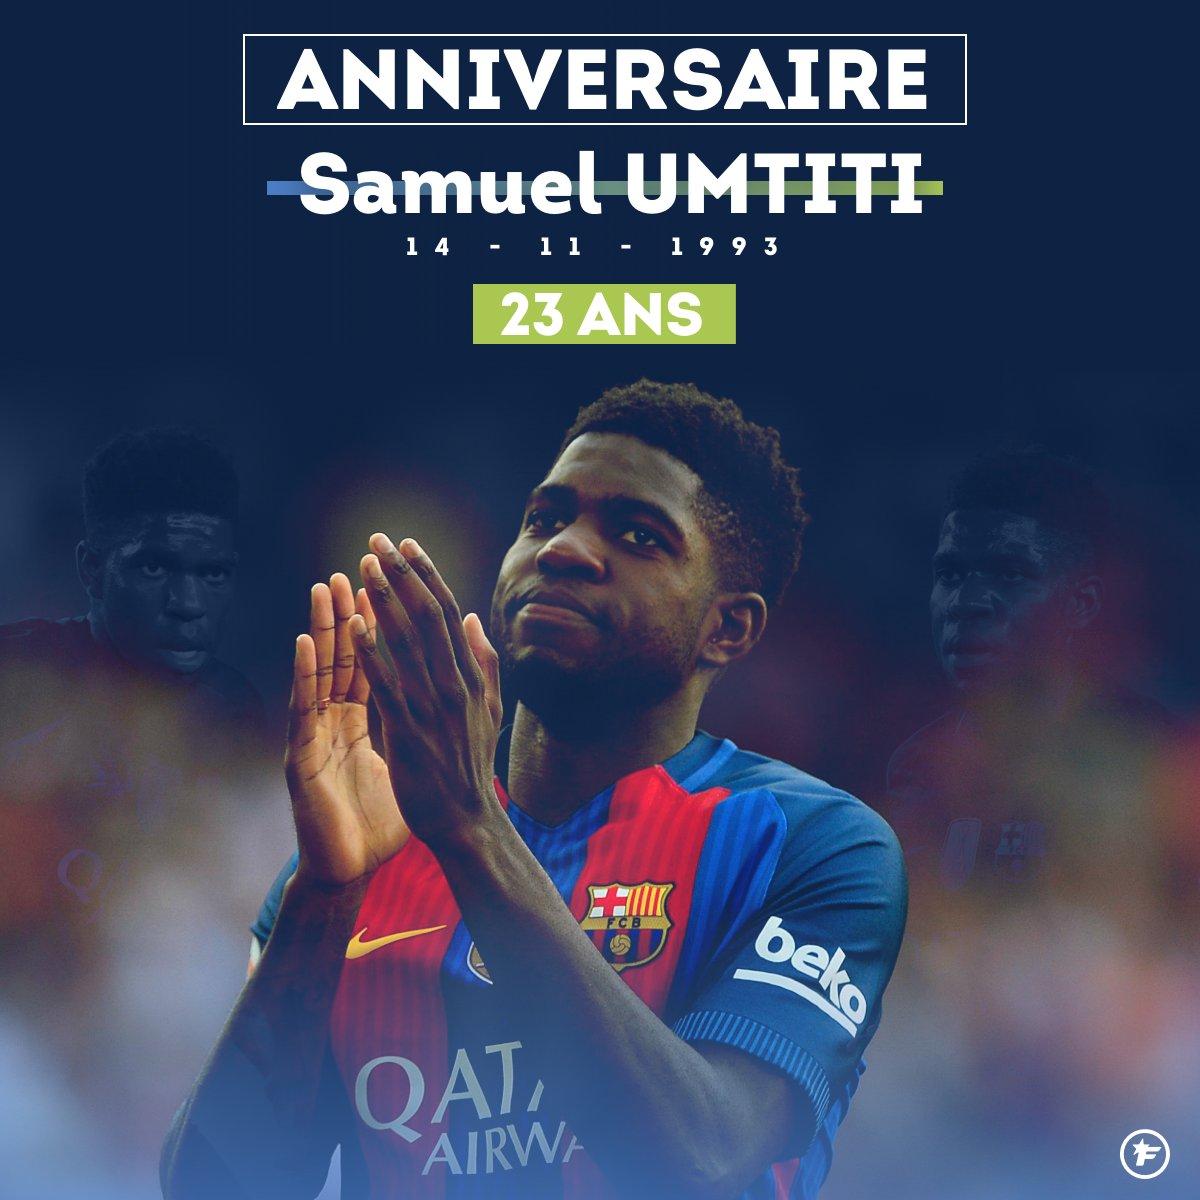 Joyeux Anniversaire A Samuel Umtiti Qui Fete Aujourd Hui Ses 23 Ans